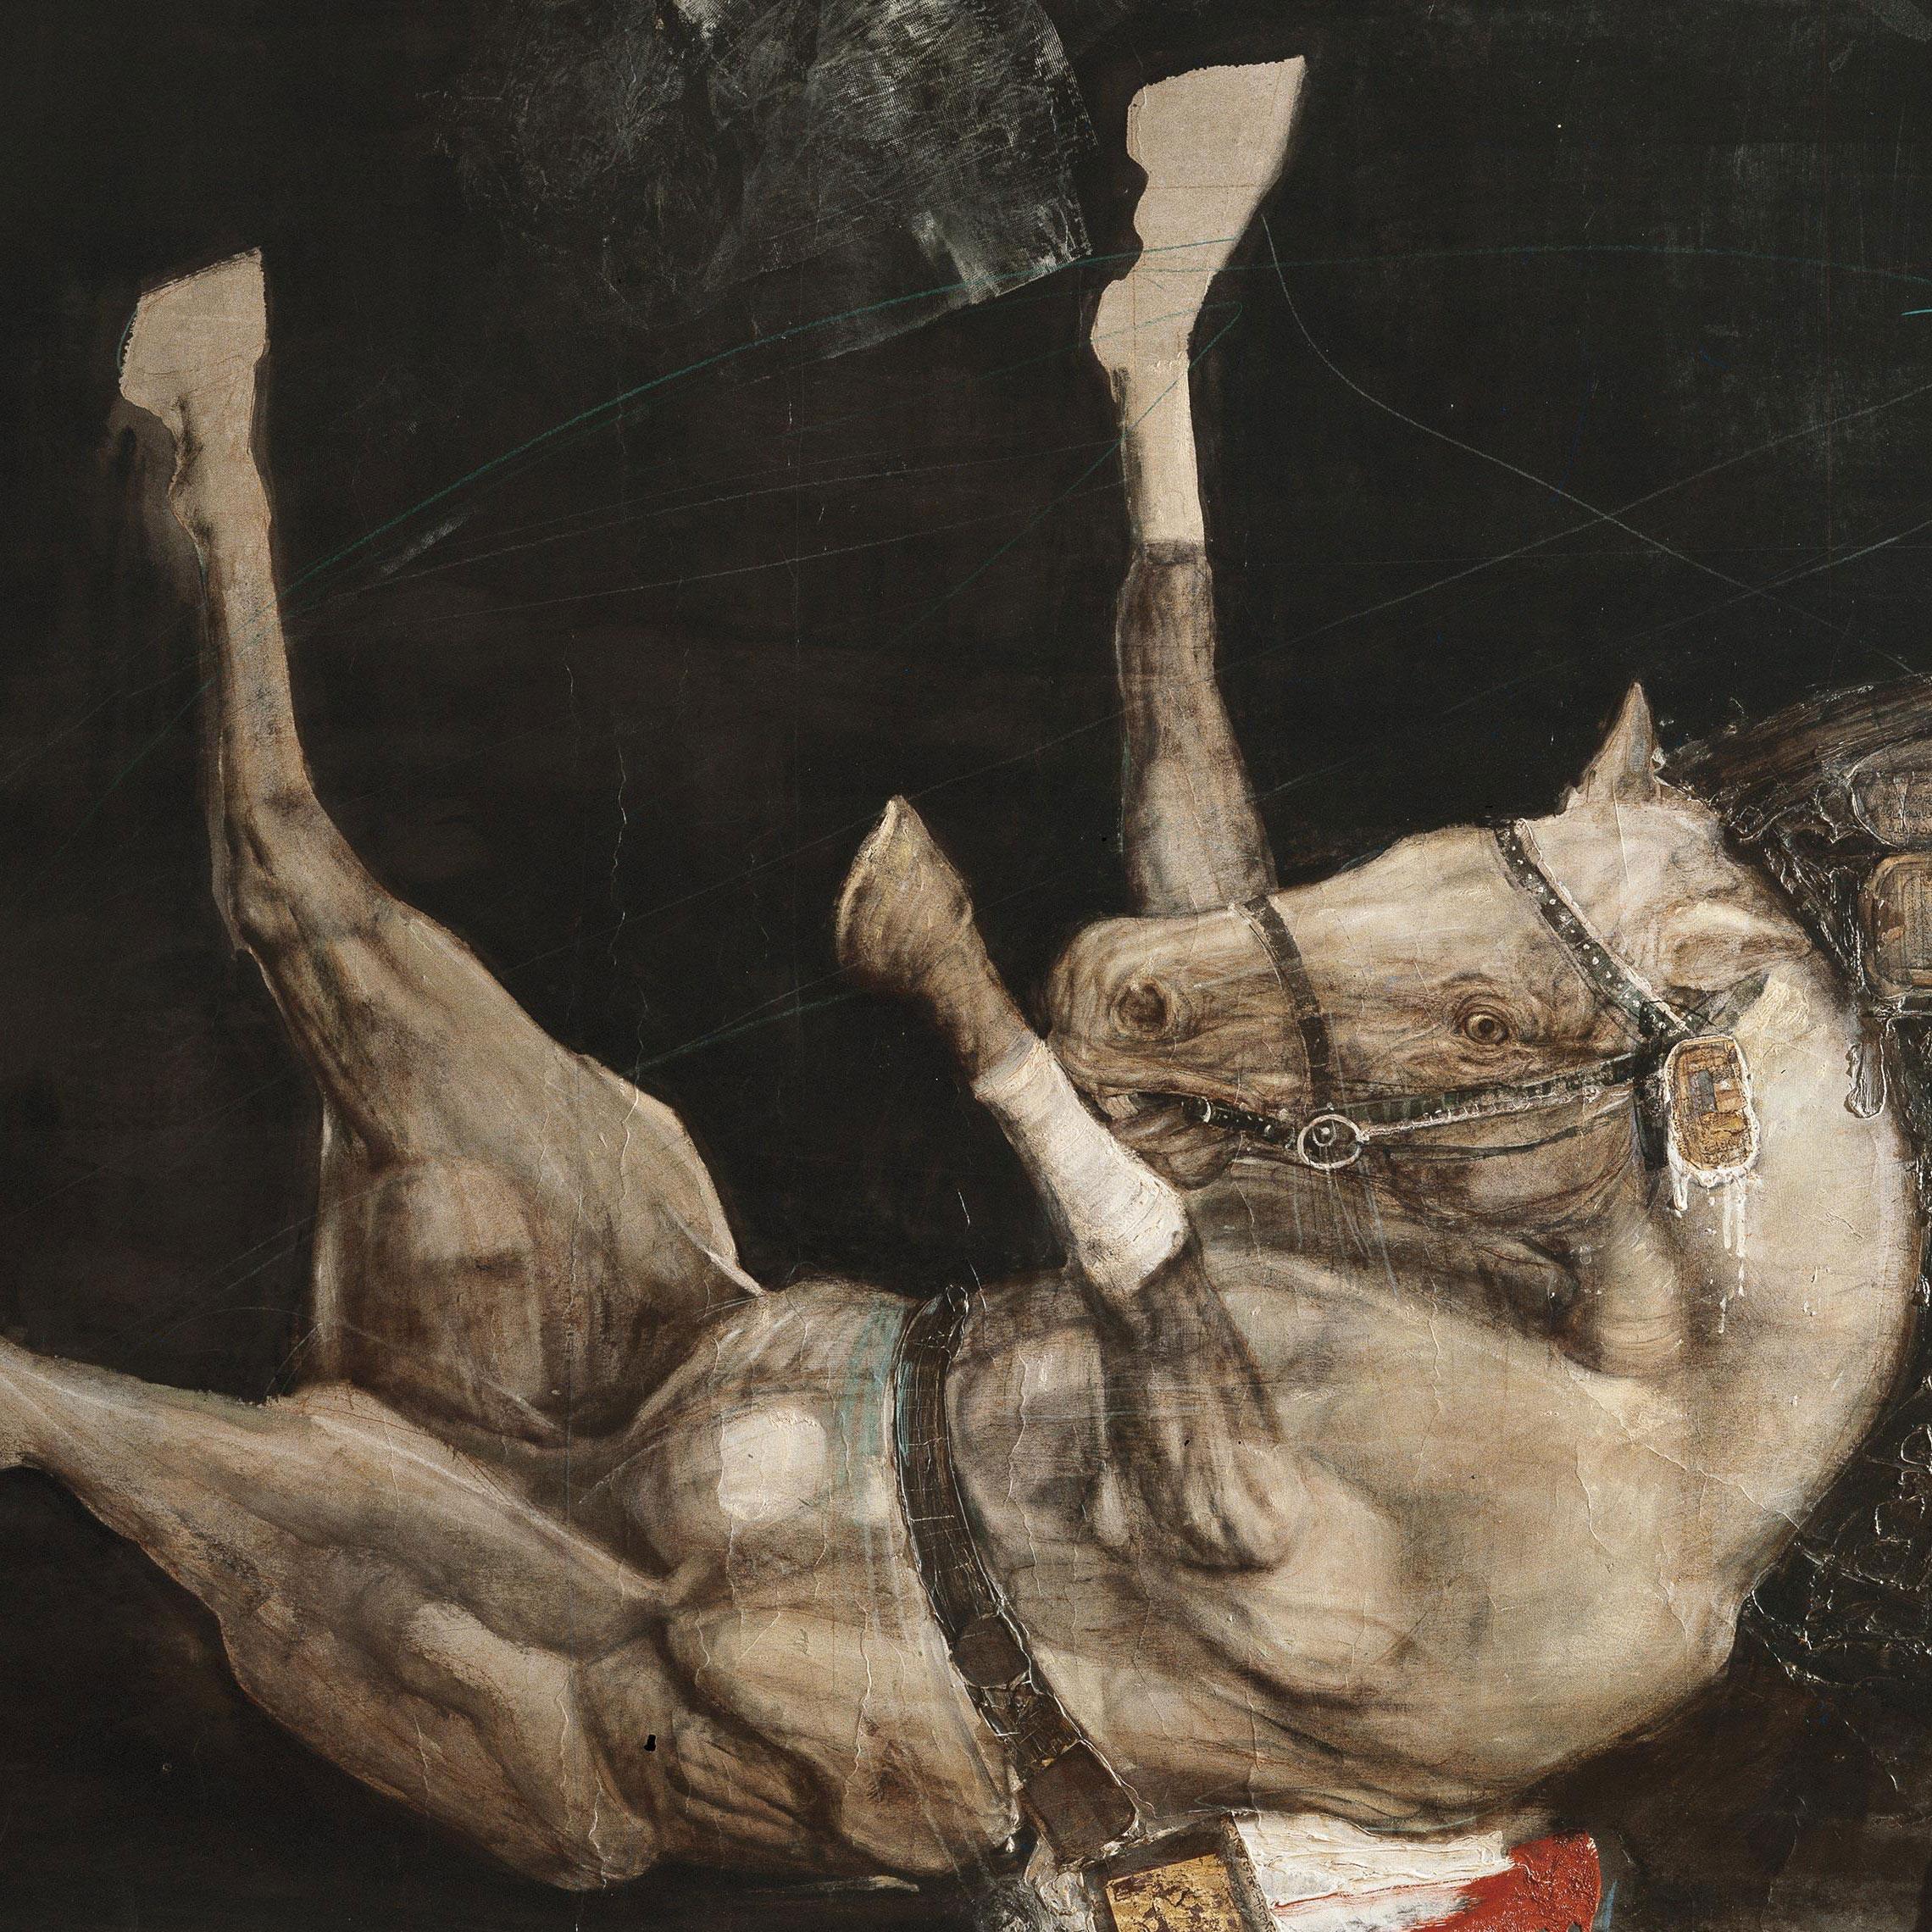 Mostra inèdita a Espanya sobre l'obra Mersad Berber